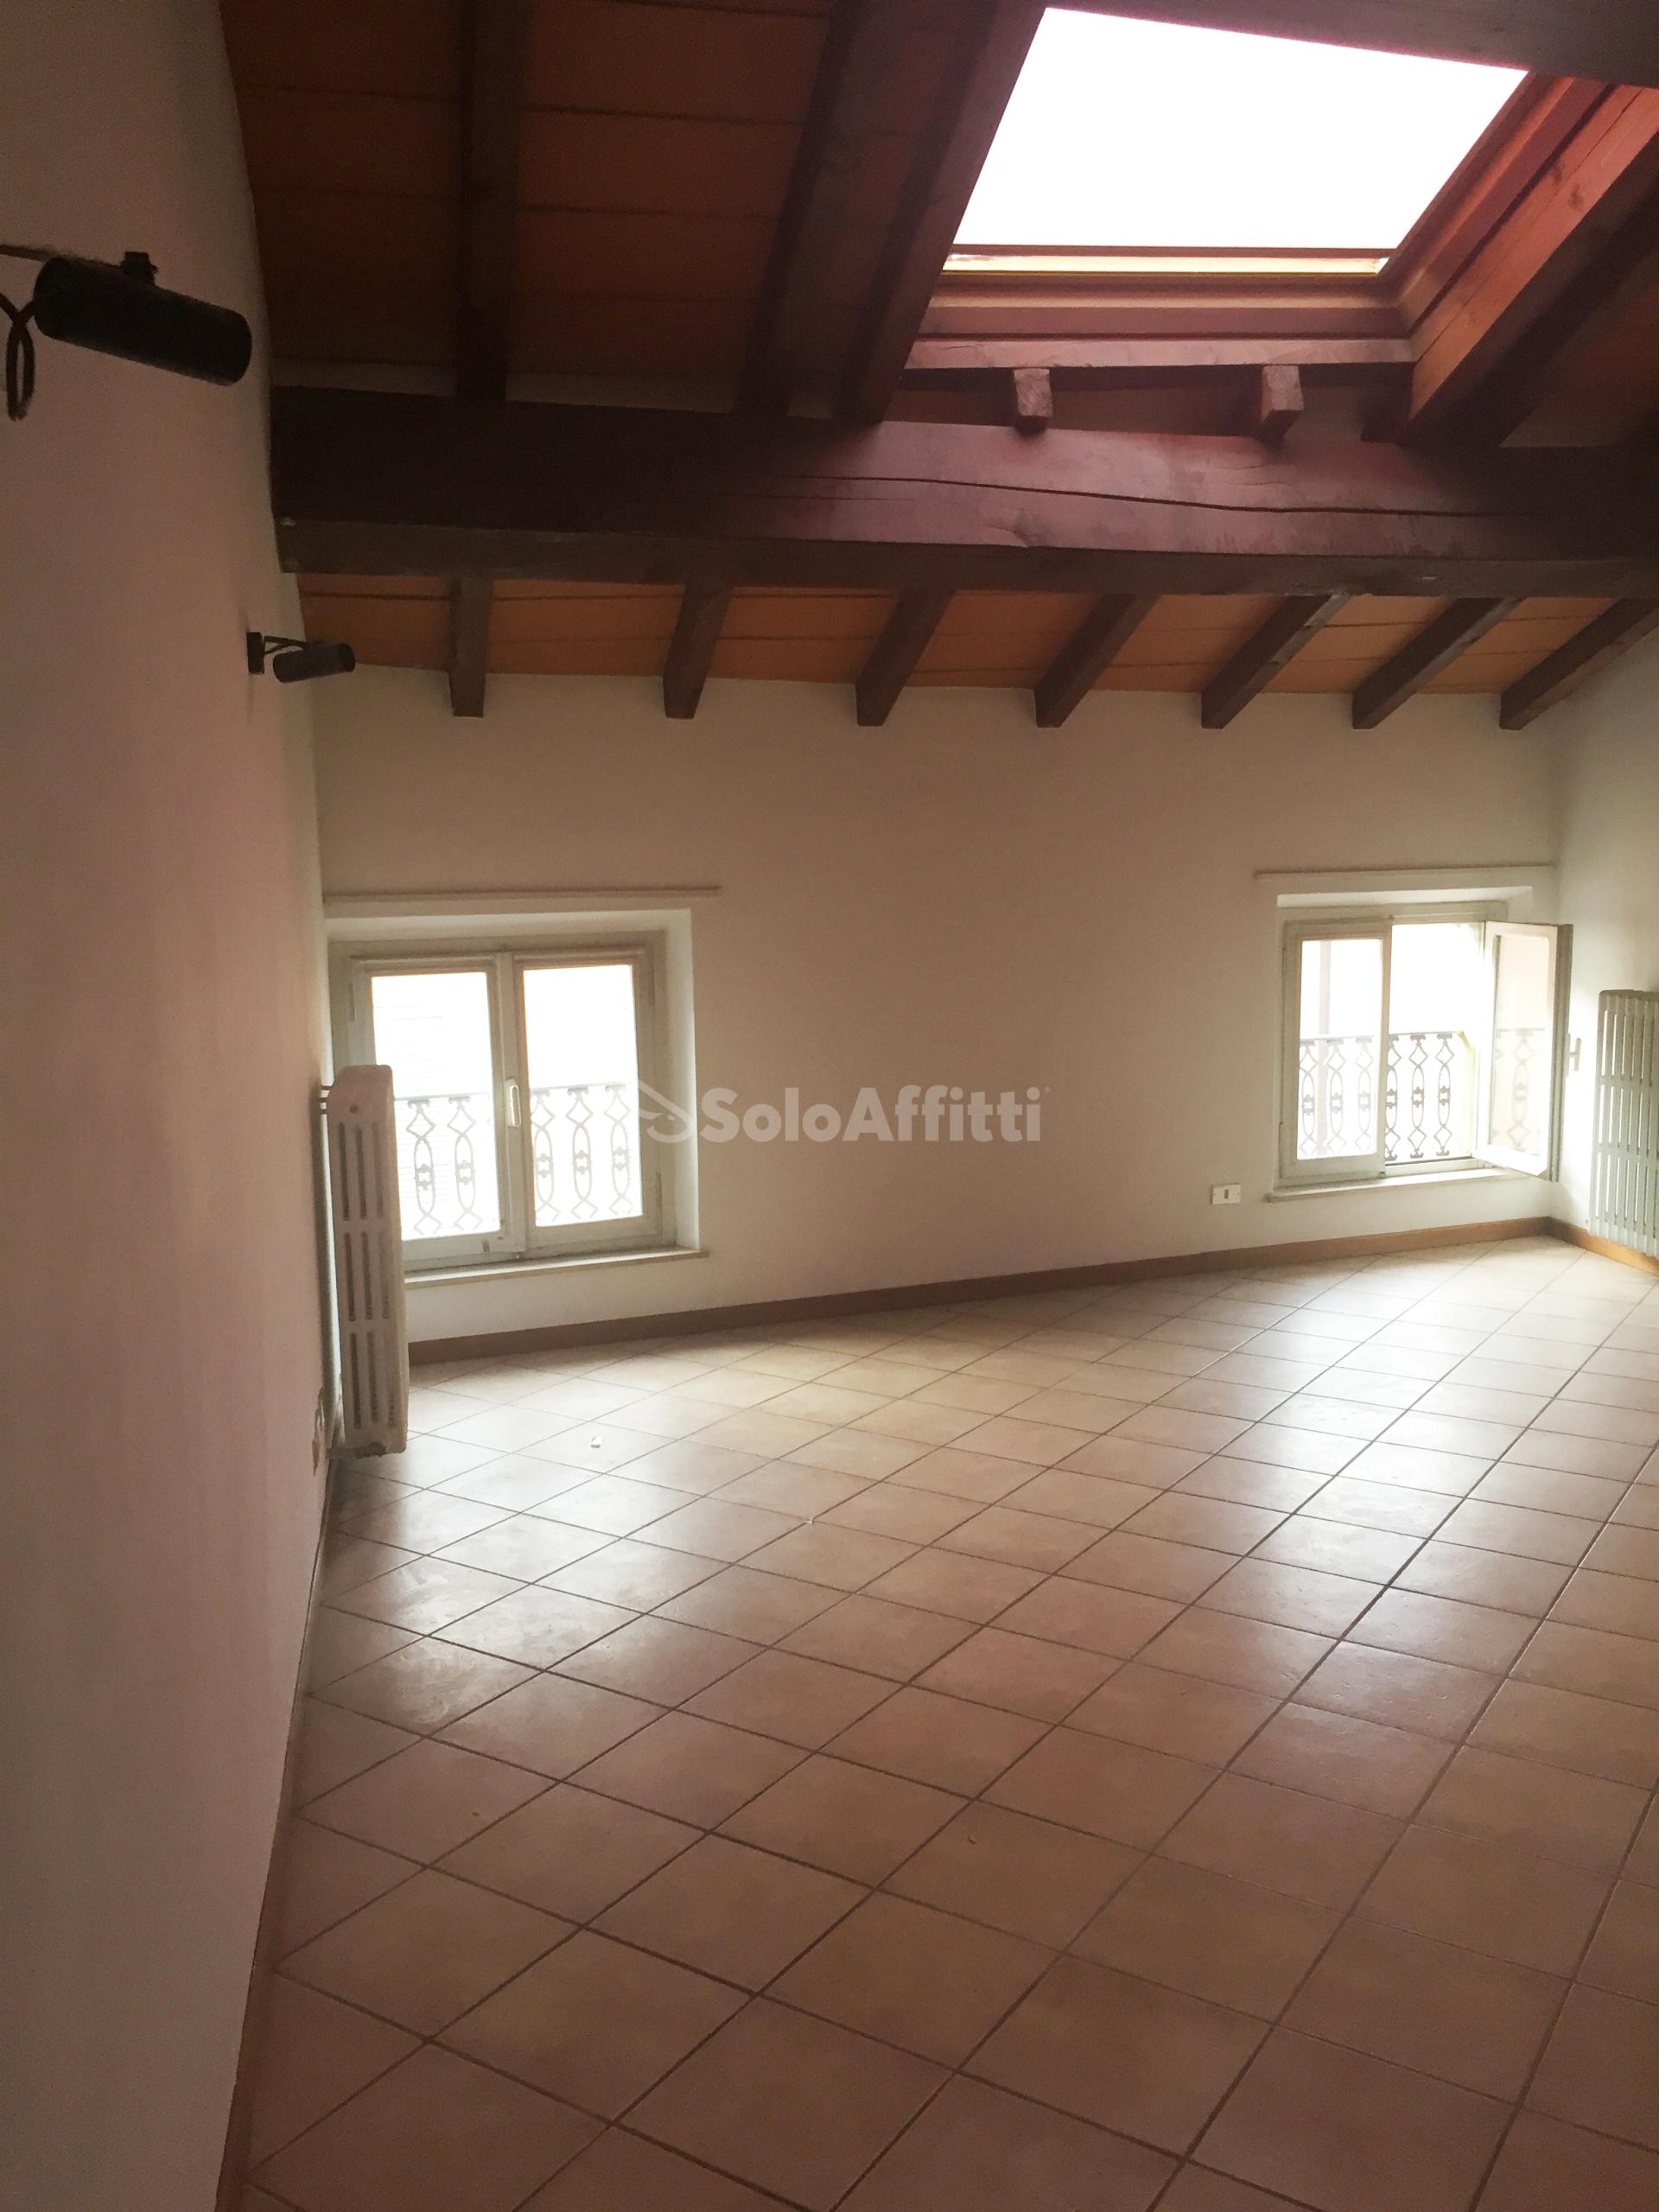 Affitto case parma affitto appartamenti ville solo affitti for Appartamenti in affitto privati